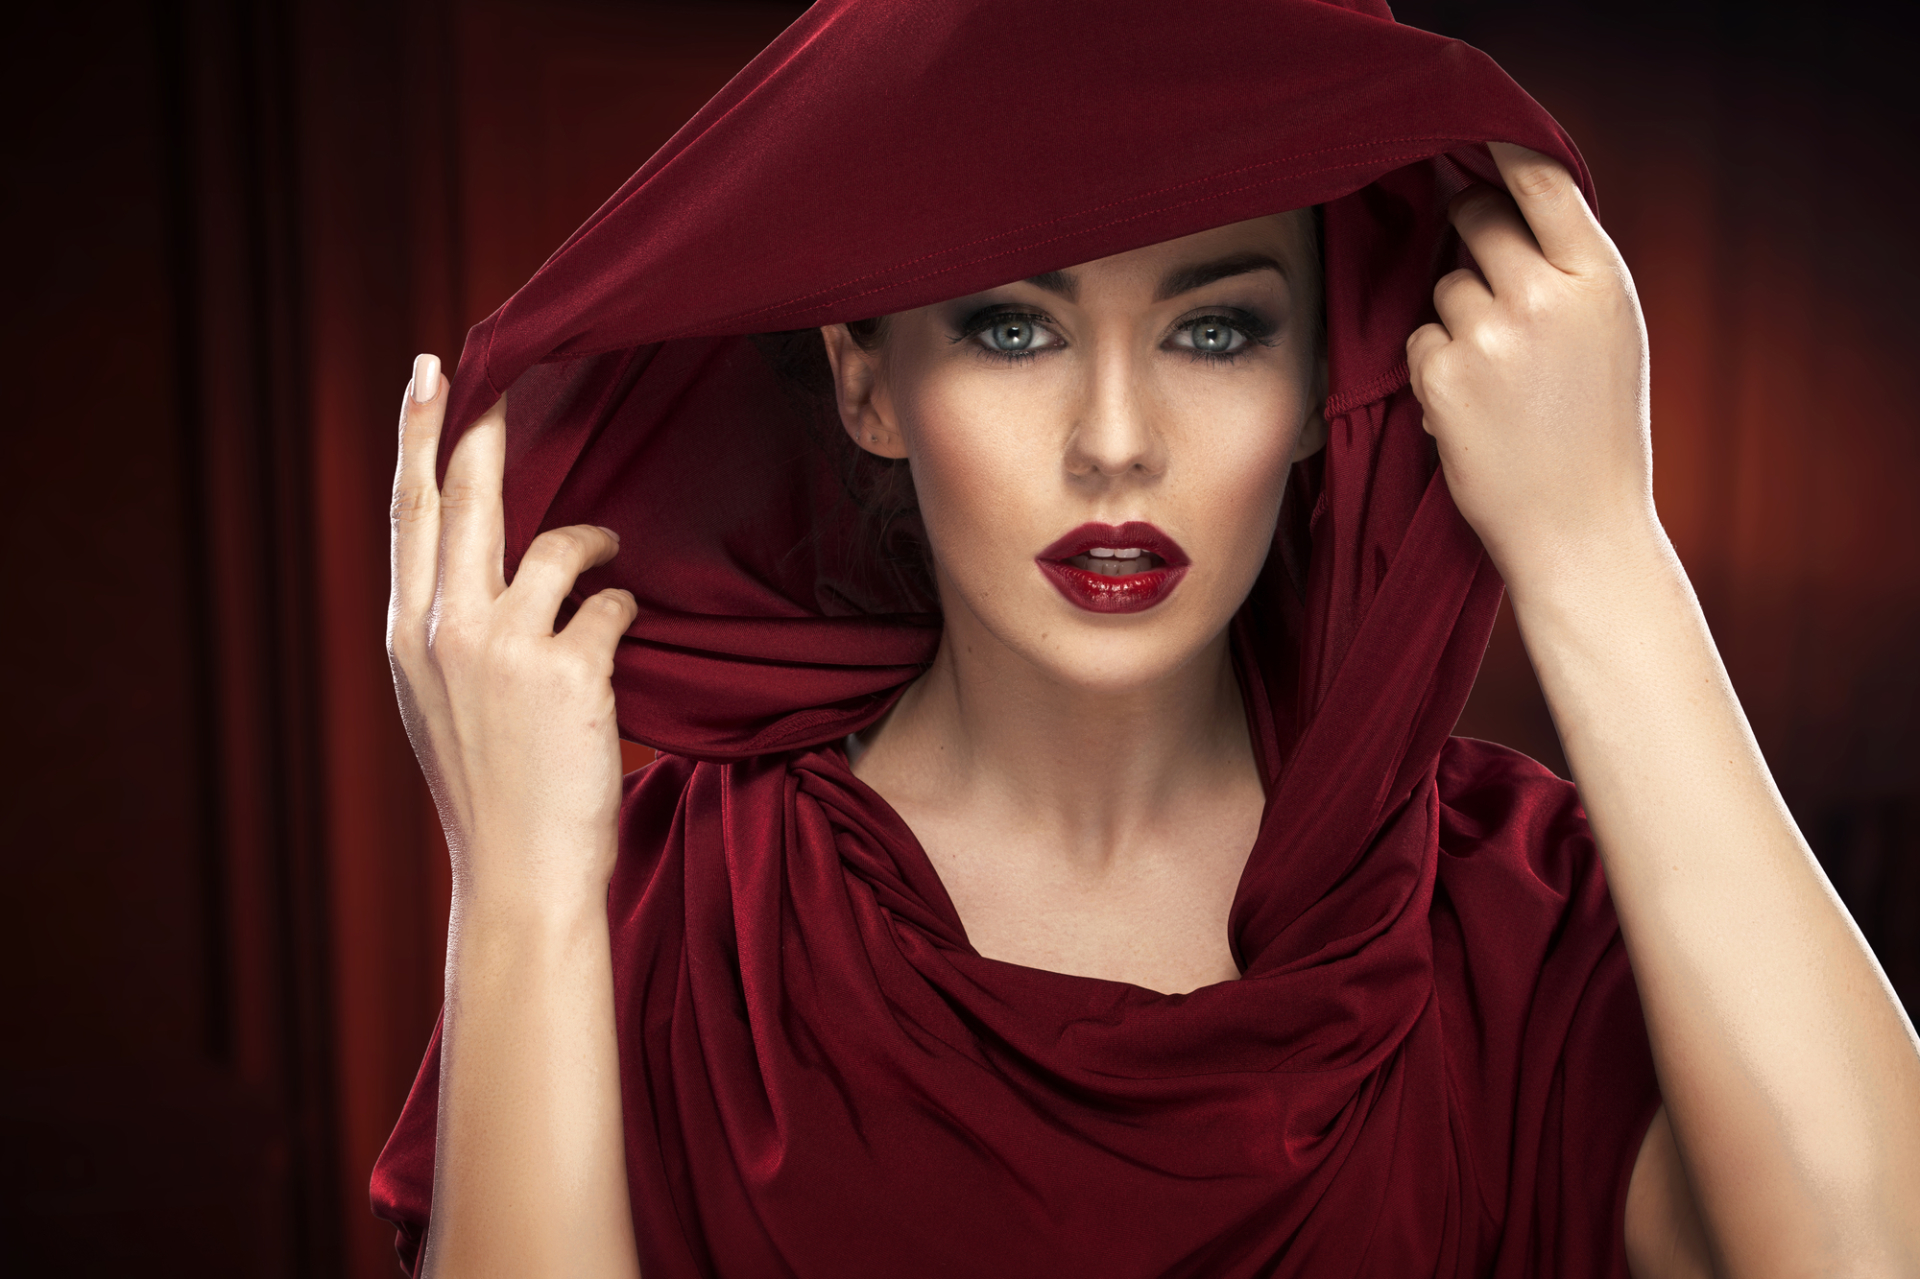 Hva sier leppestiftfargen om kvinners personlighet?